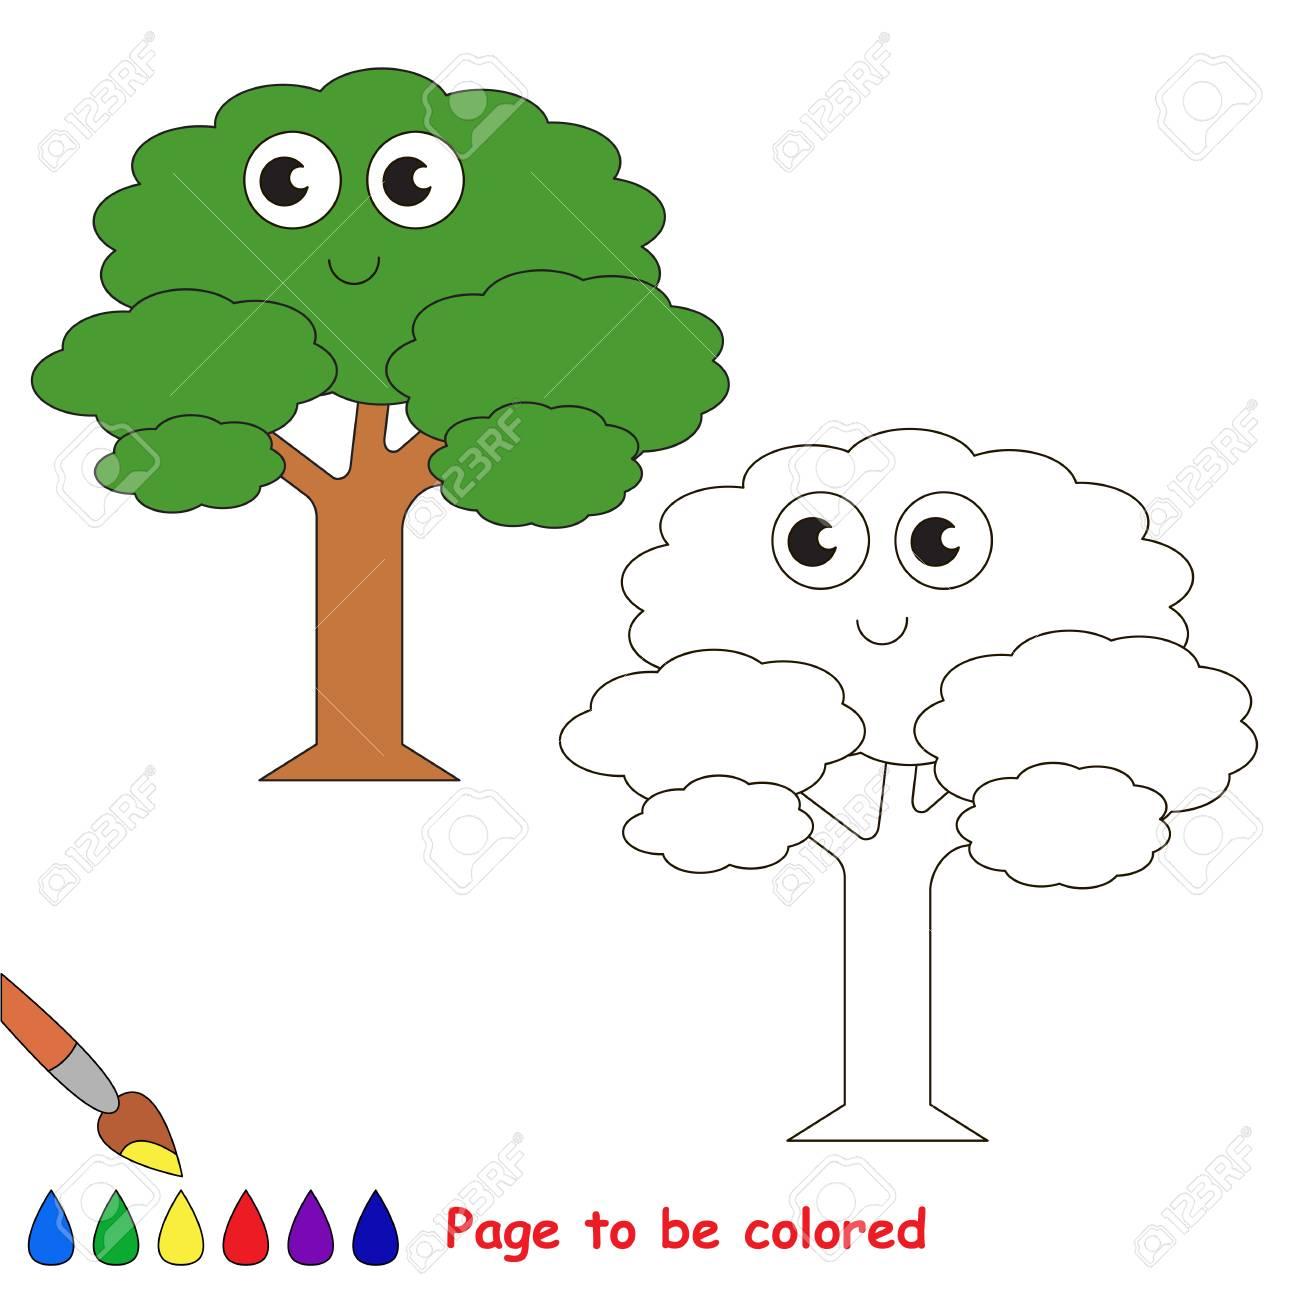 Divertido árbol De Hojas Verdes Para Colorear El Libro Para Colorear Para Educar A Los Niños En Edad Preescolar Con Juegos Educativos Fáciles Para